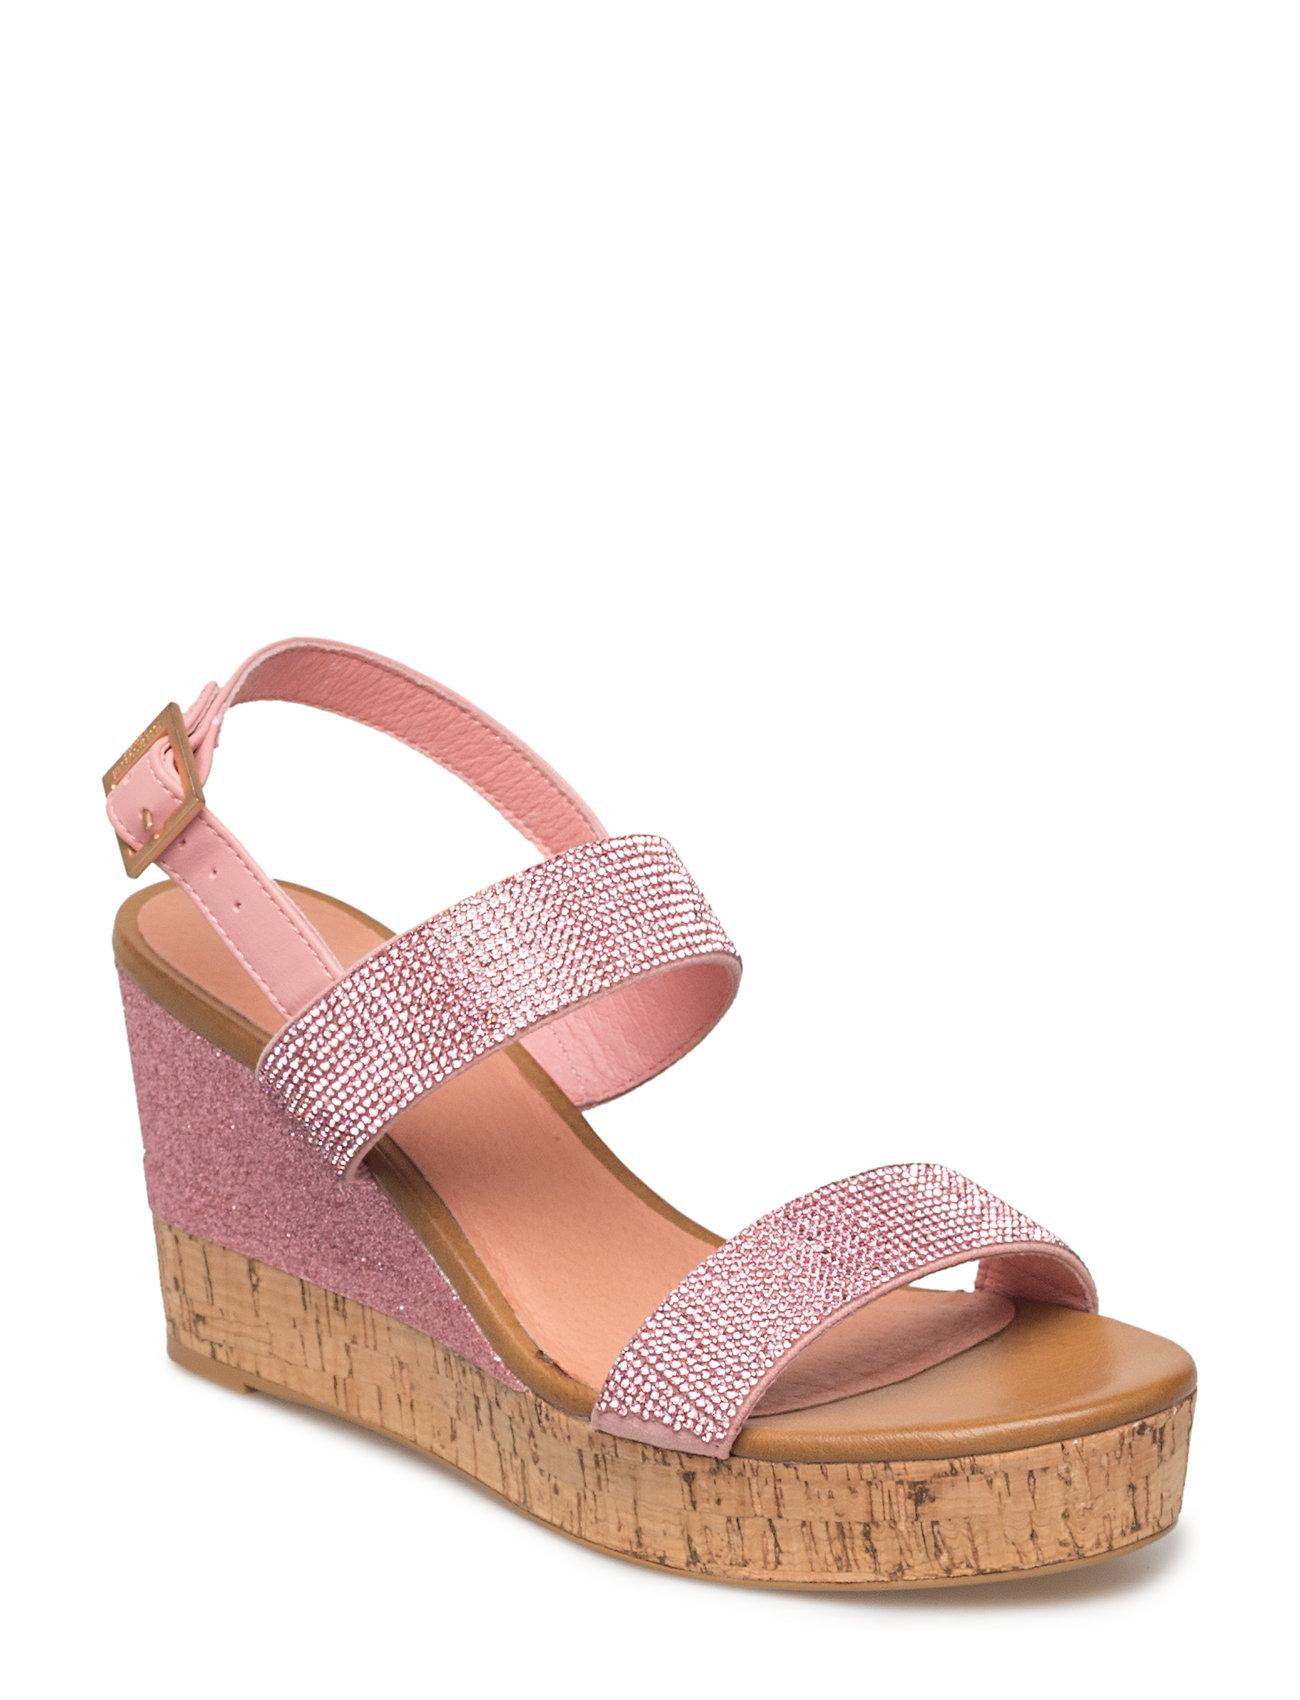 Ilse Metallic Jacobsen Womens Sandal721 Rose45 €Large mwNnO8v0